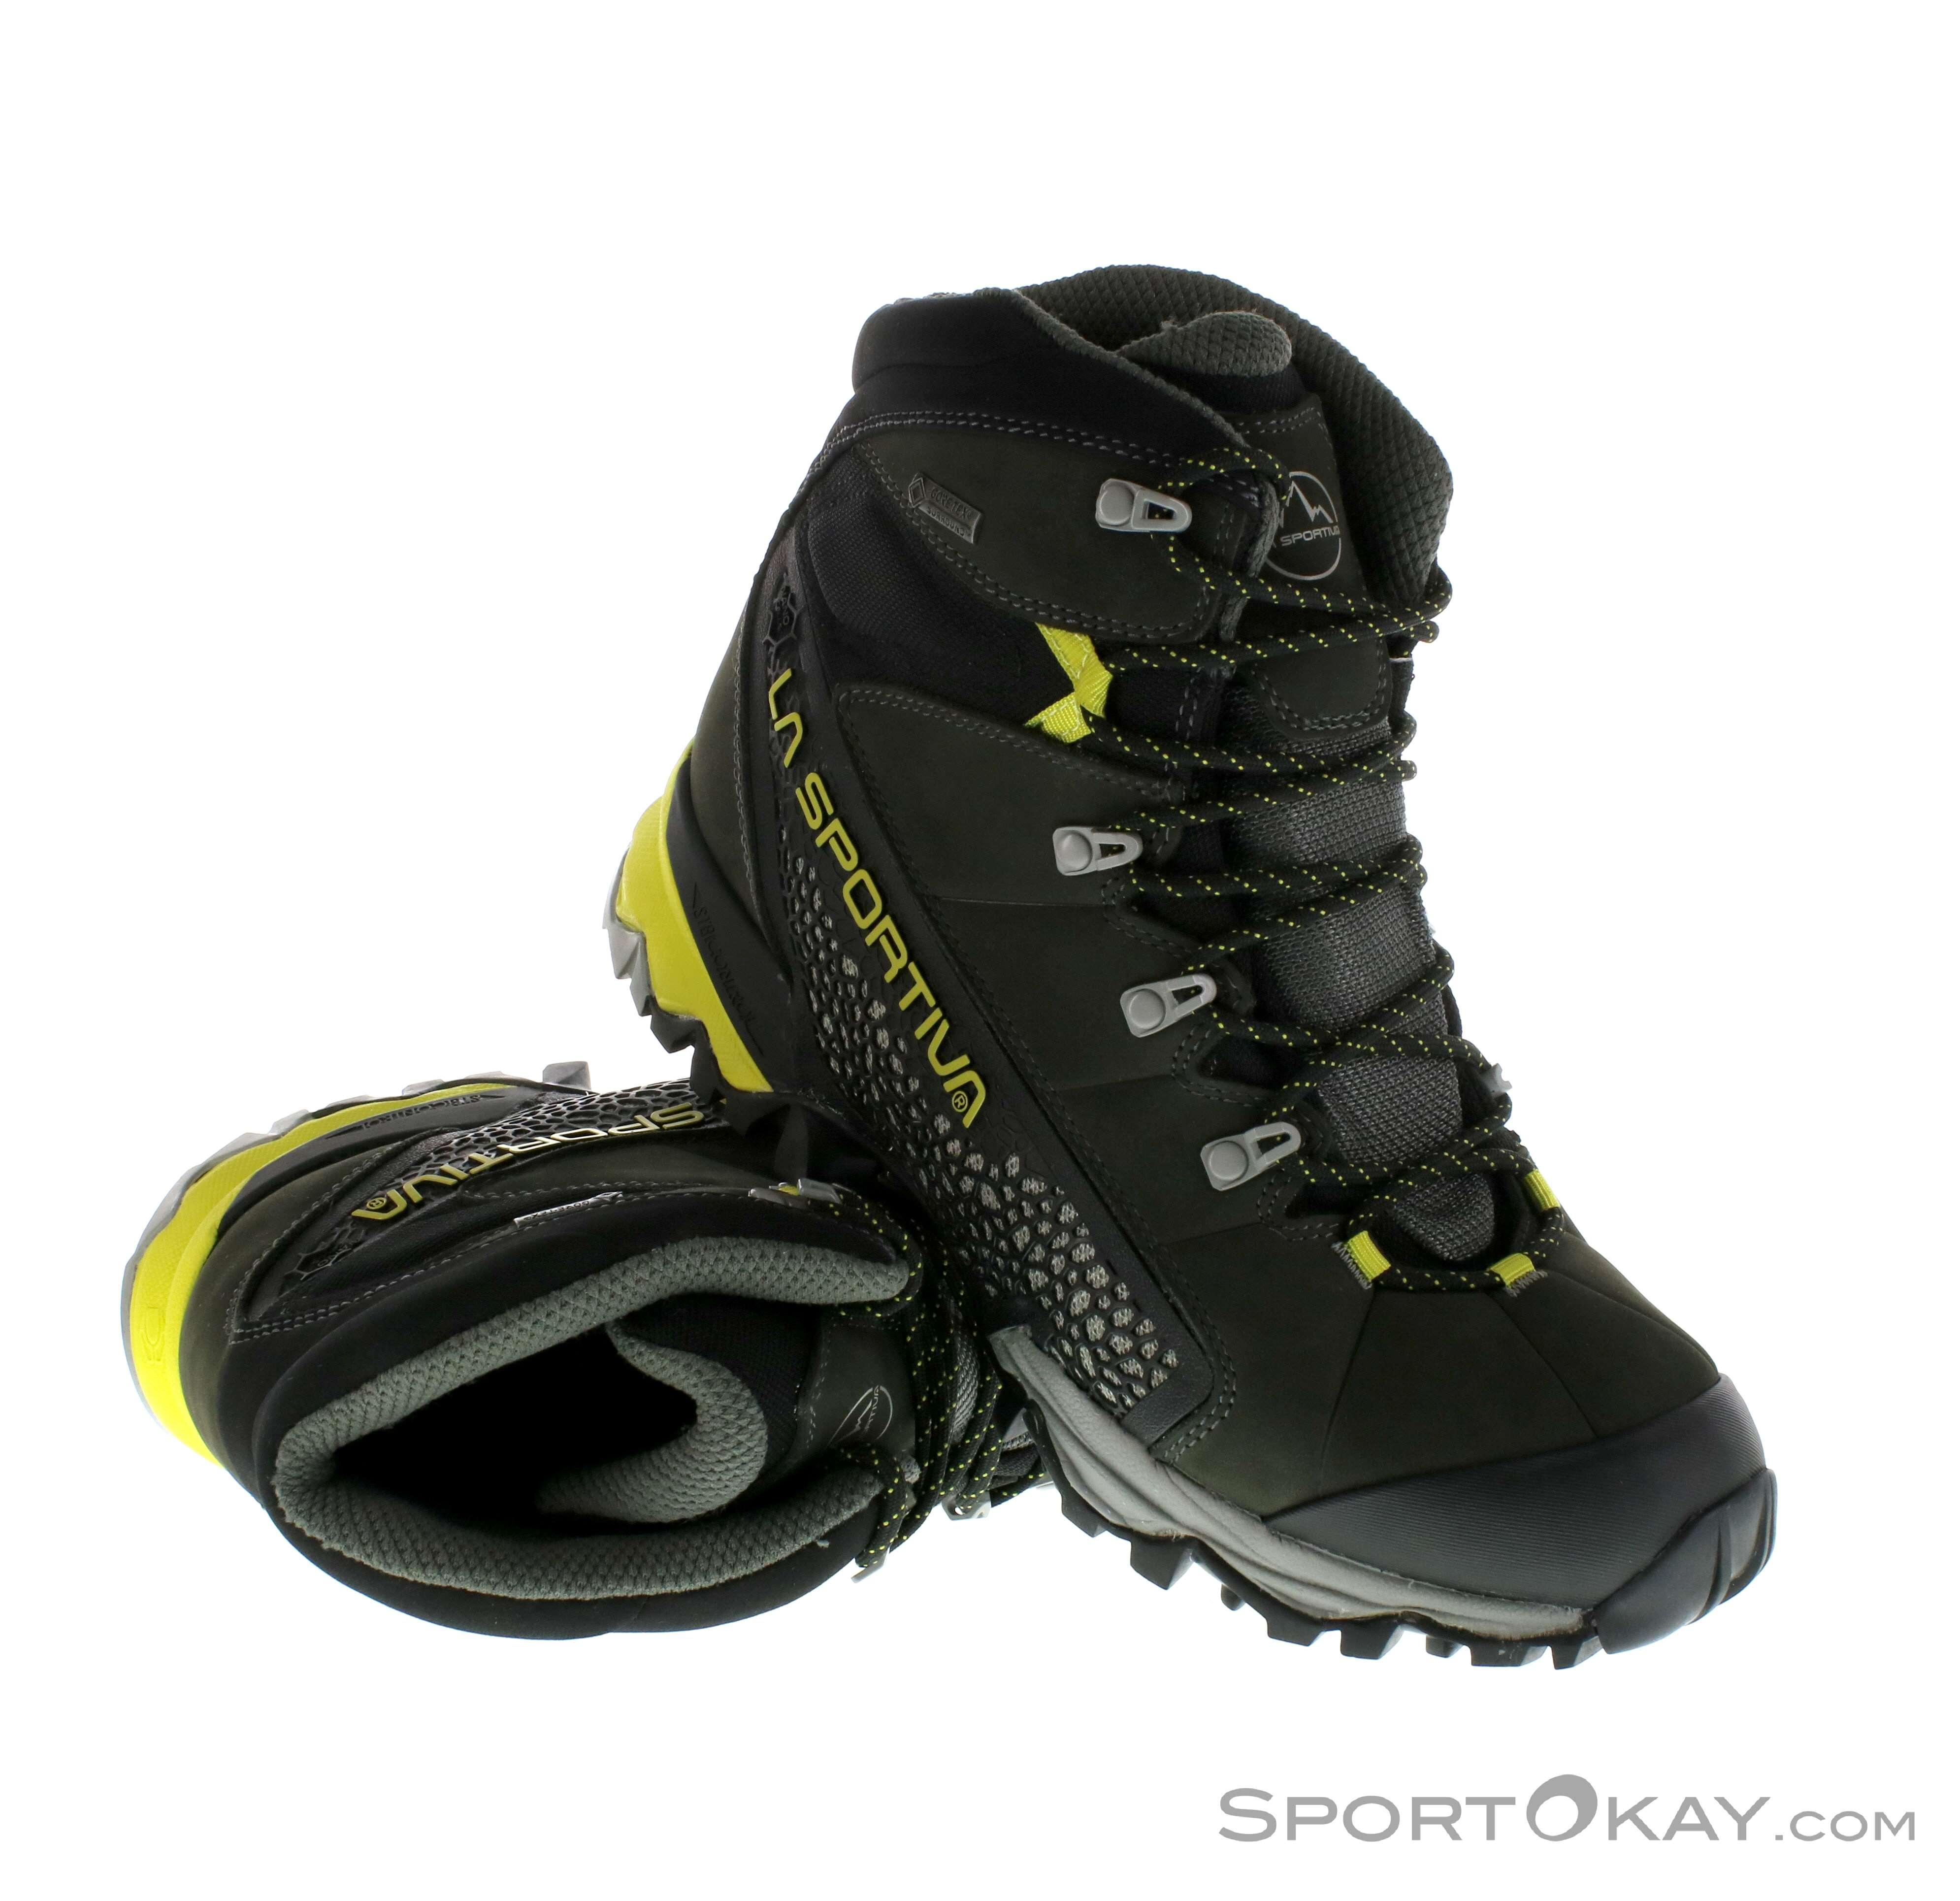 La Sportiva La Sportiva Nucleo GTX Mens Mountaineering Boots Gore Tex